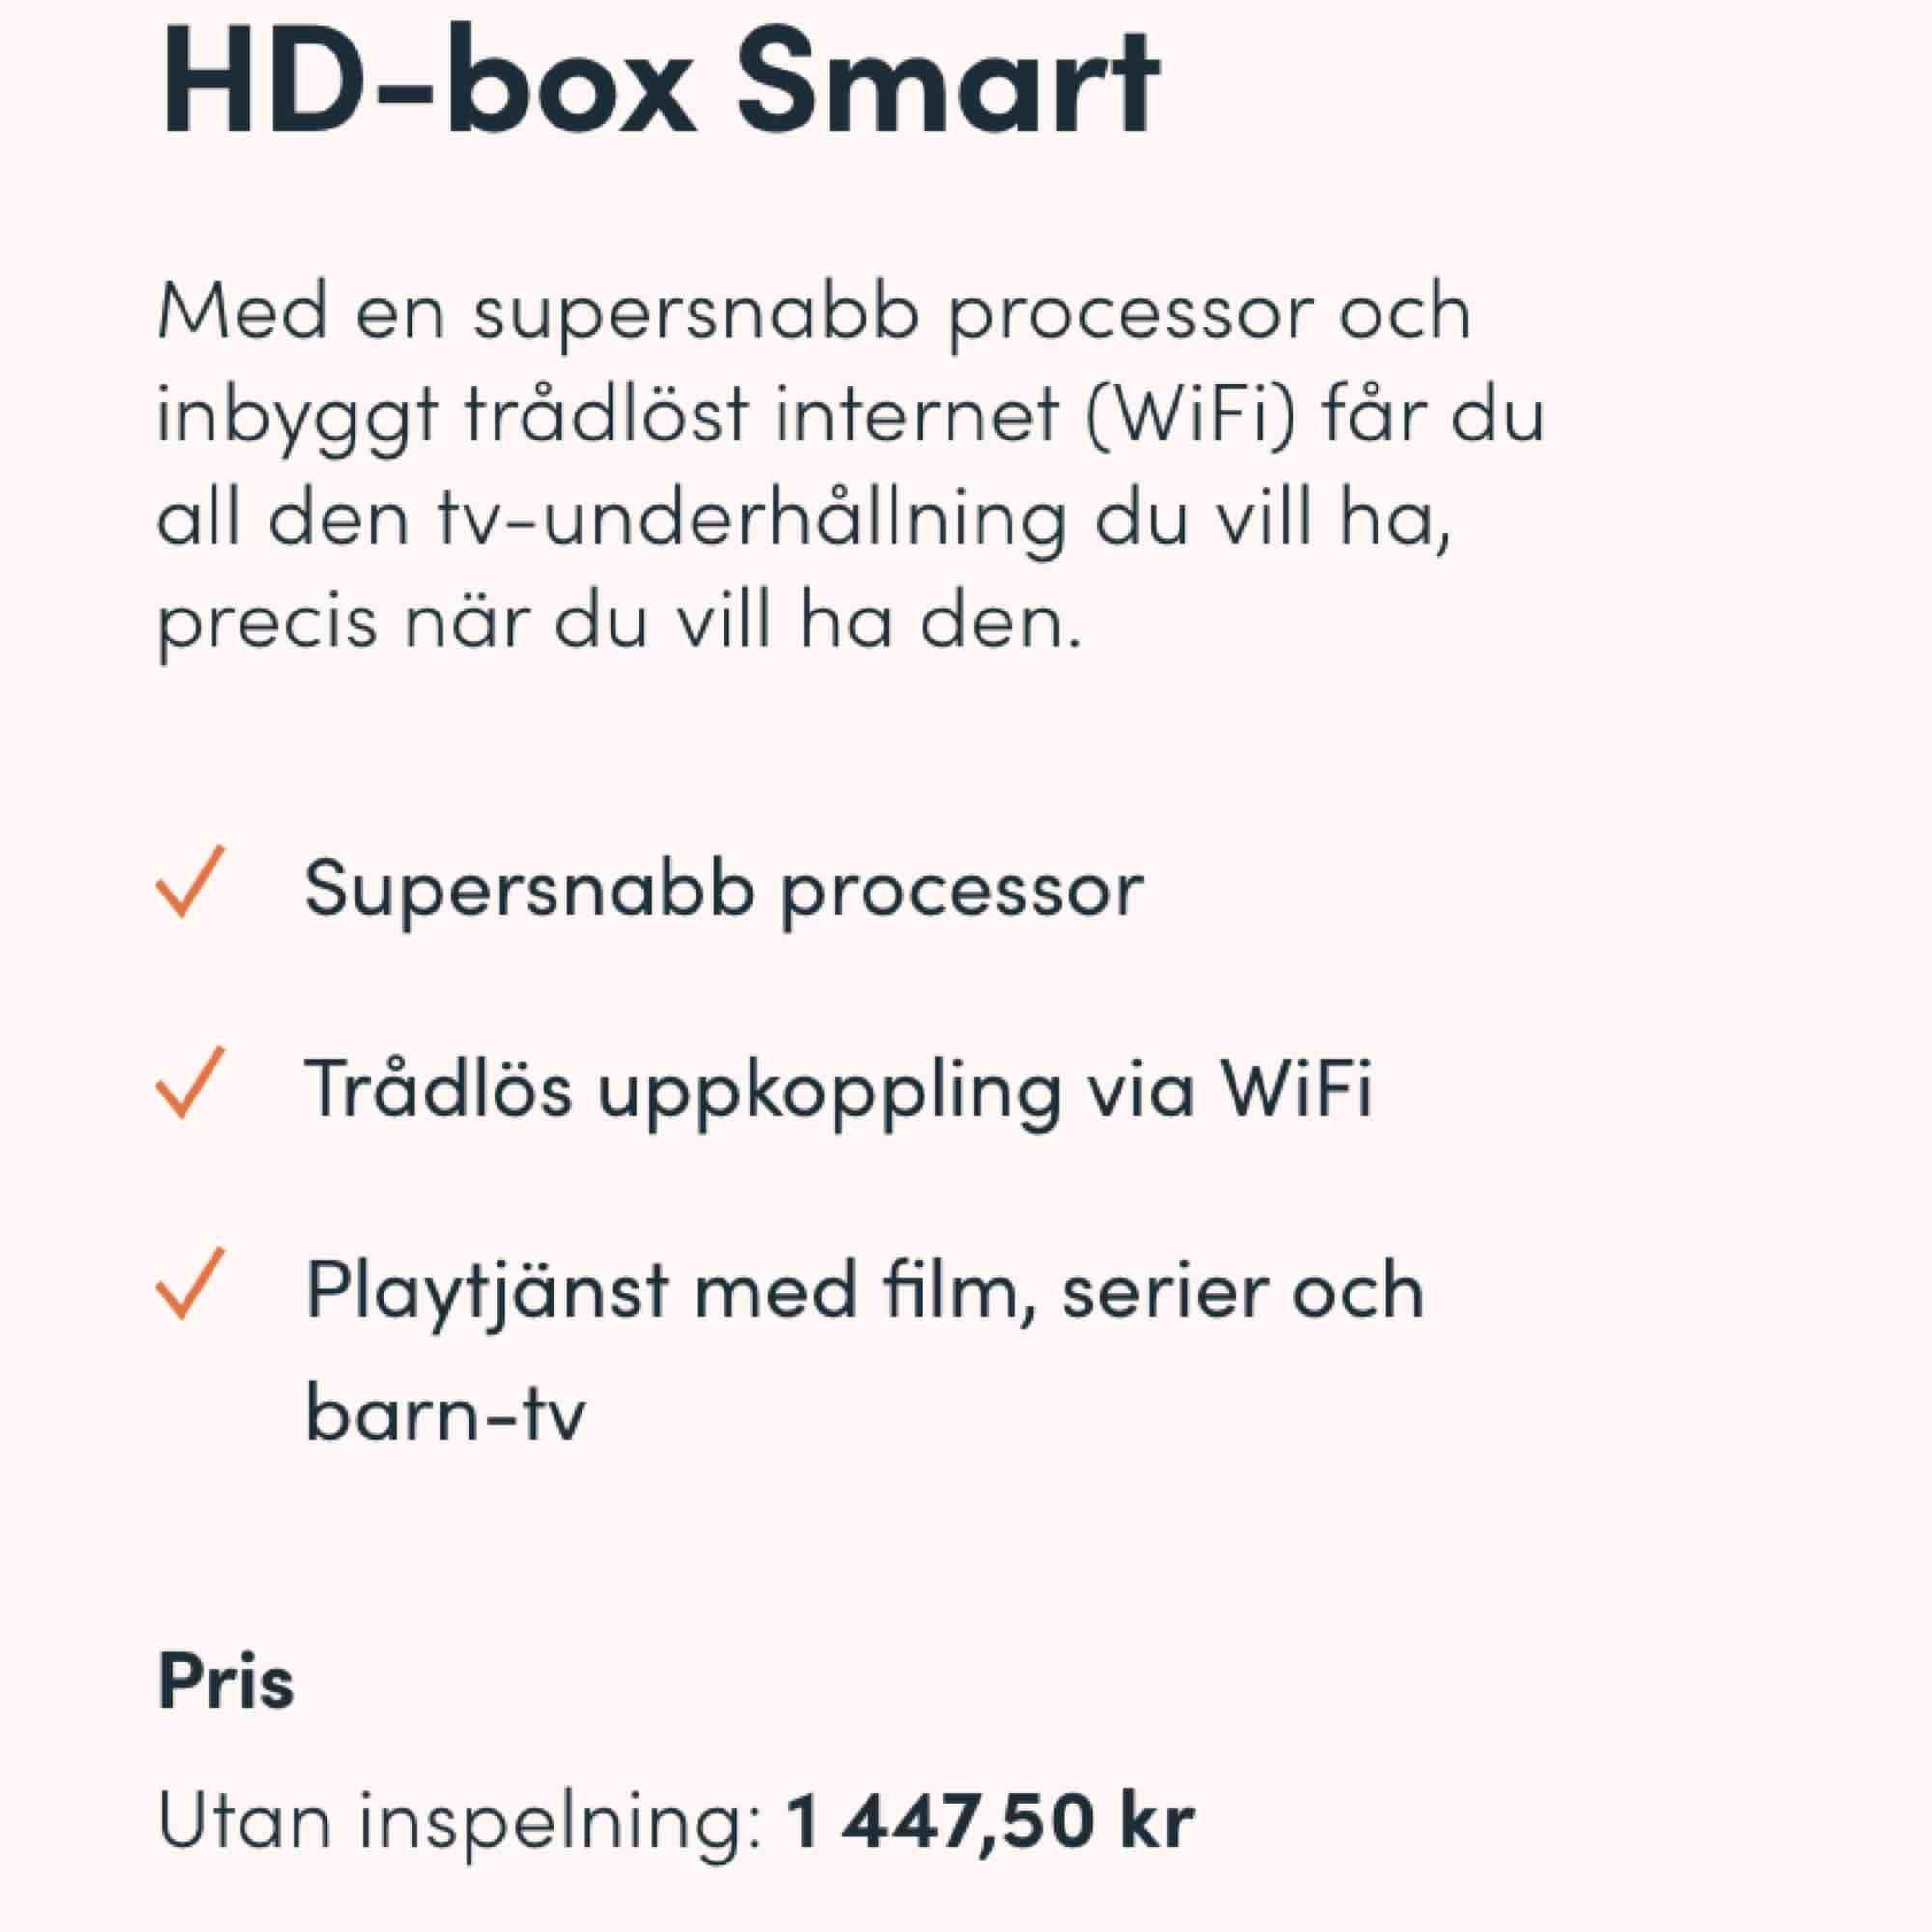 Allt på bild ingår : -Kablar -Fjärrkontroll -Innehållsförteckningar  -Boxen  -Lådan 📍Finns i Norrköping 📍 🔒Bud börja från mitt pris 🔒 Swish & paypal finns 💳💰. Övrigt.